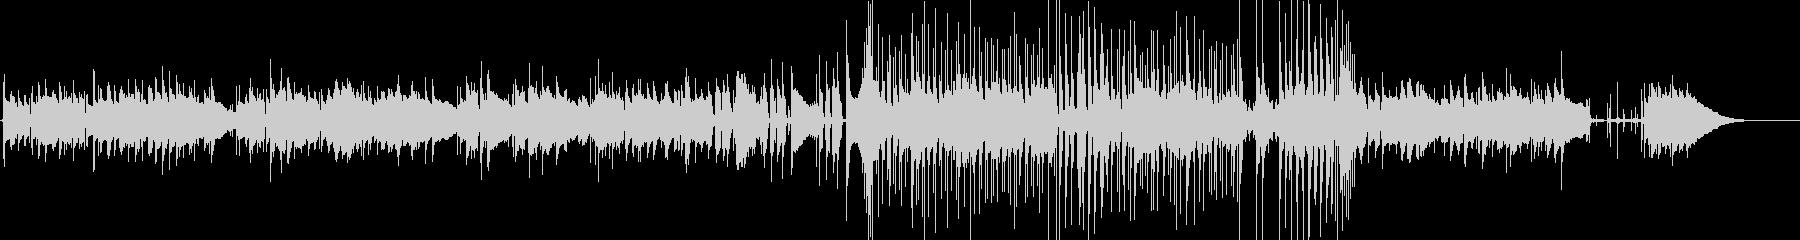 フォーク/アメリカーナ楽器。のんび...の未再生の波形